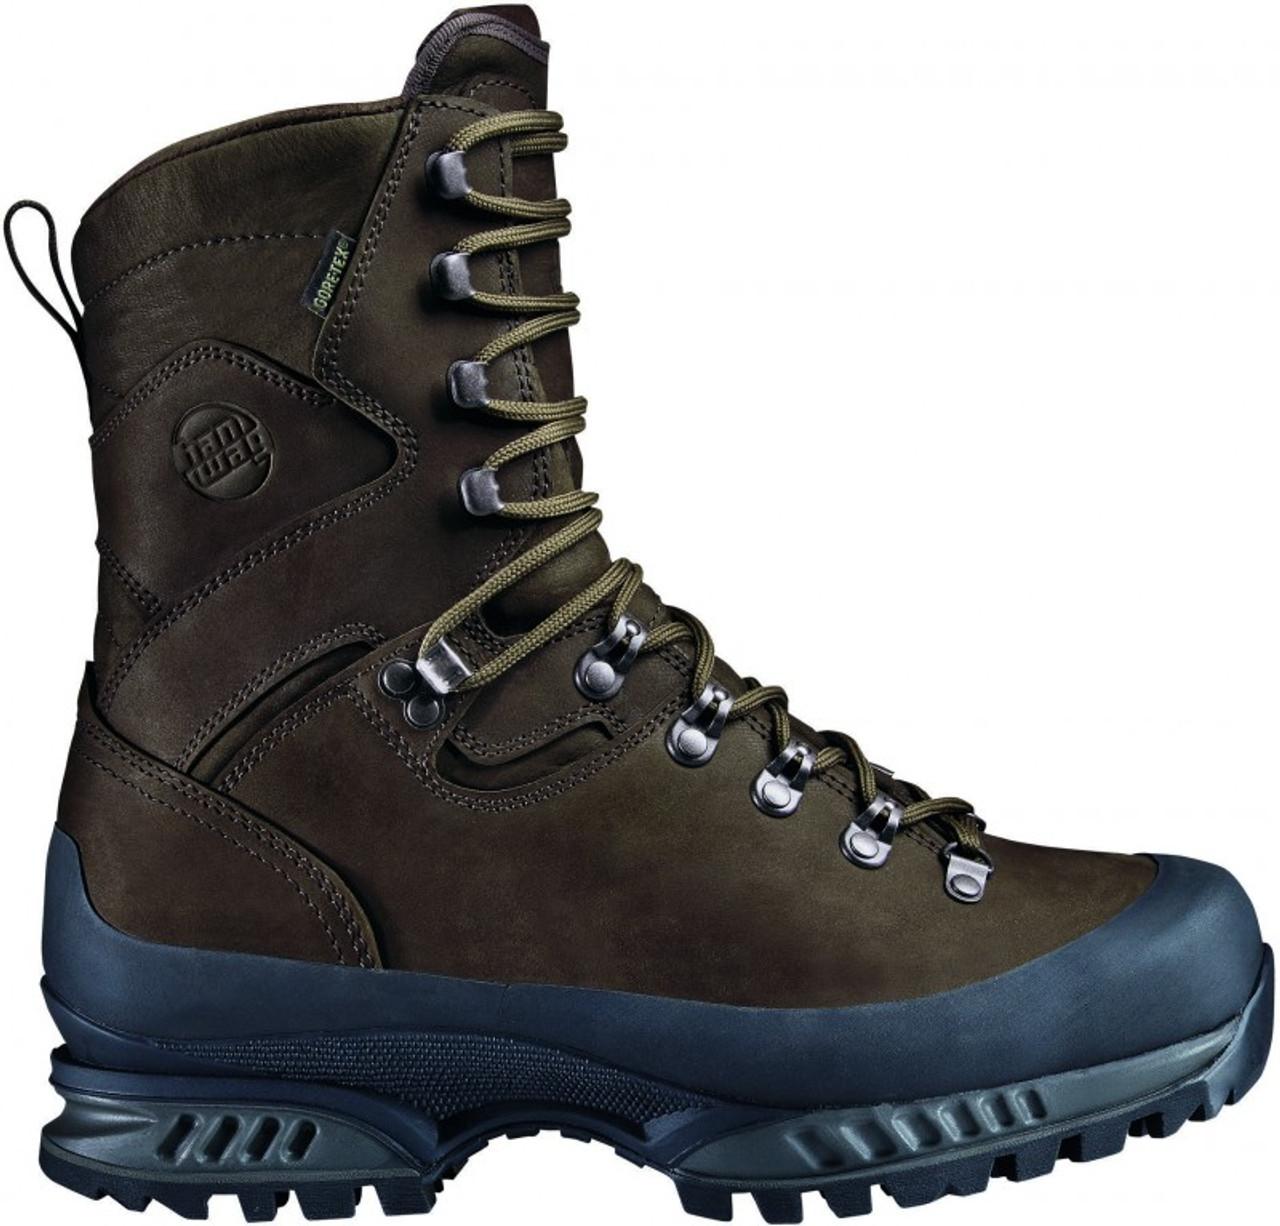 476fd610ad9 Men s Hanwag Tatra Top Wide GTX Trekking Boots - Herbert s Boots and  Western Wear